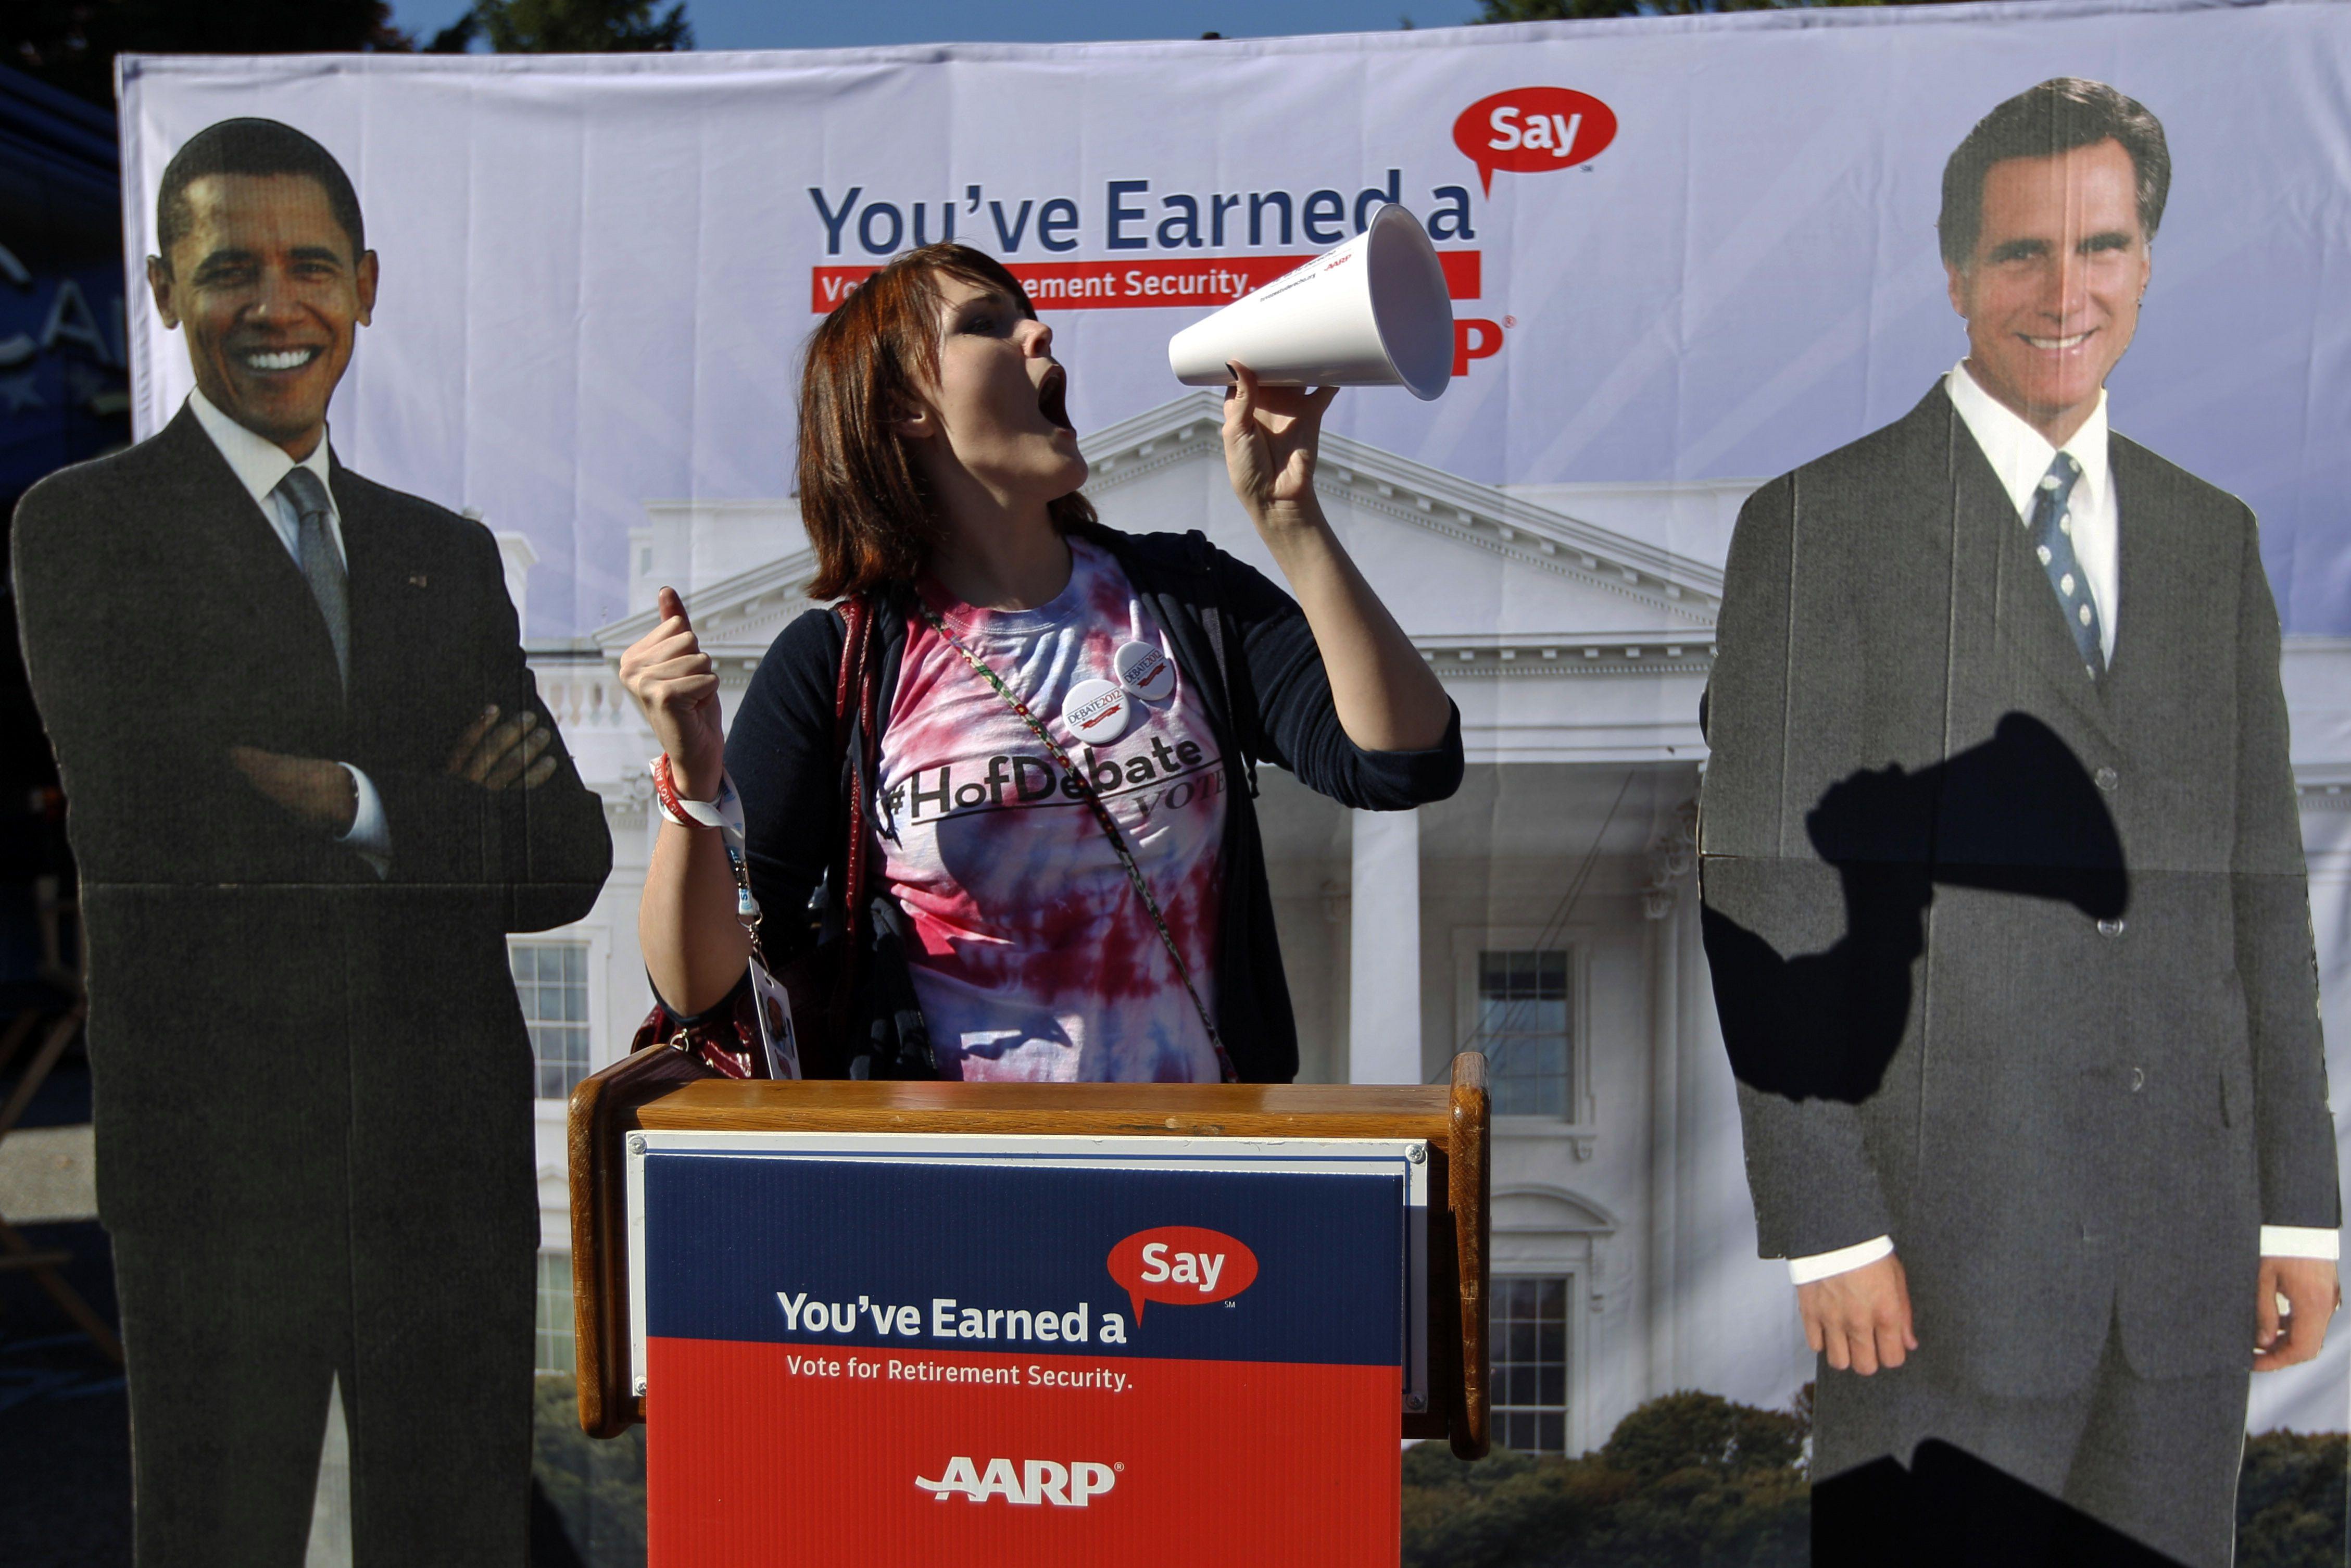 Romney binder comment inspires jokes